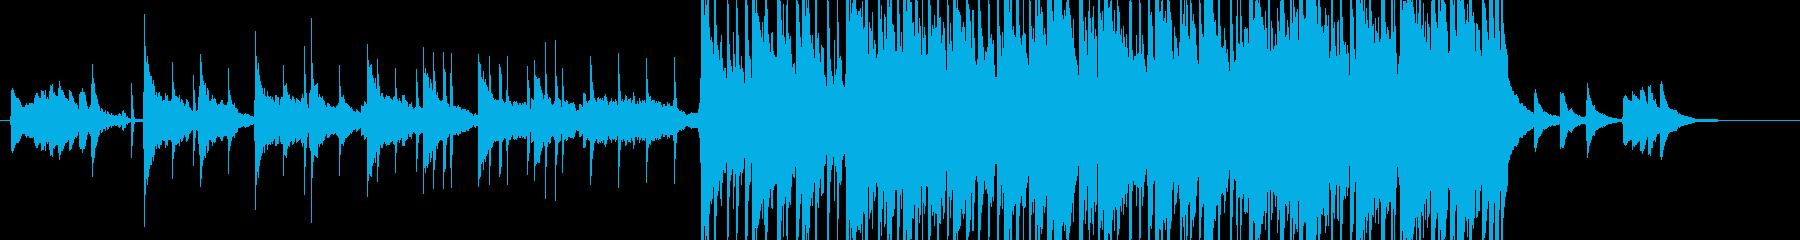 琴による近未来的な和風ダンスビートの再生済みの波形